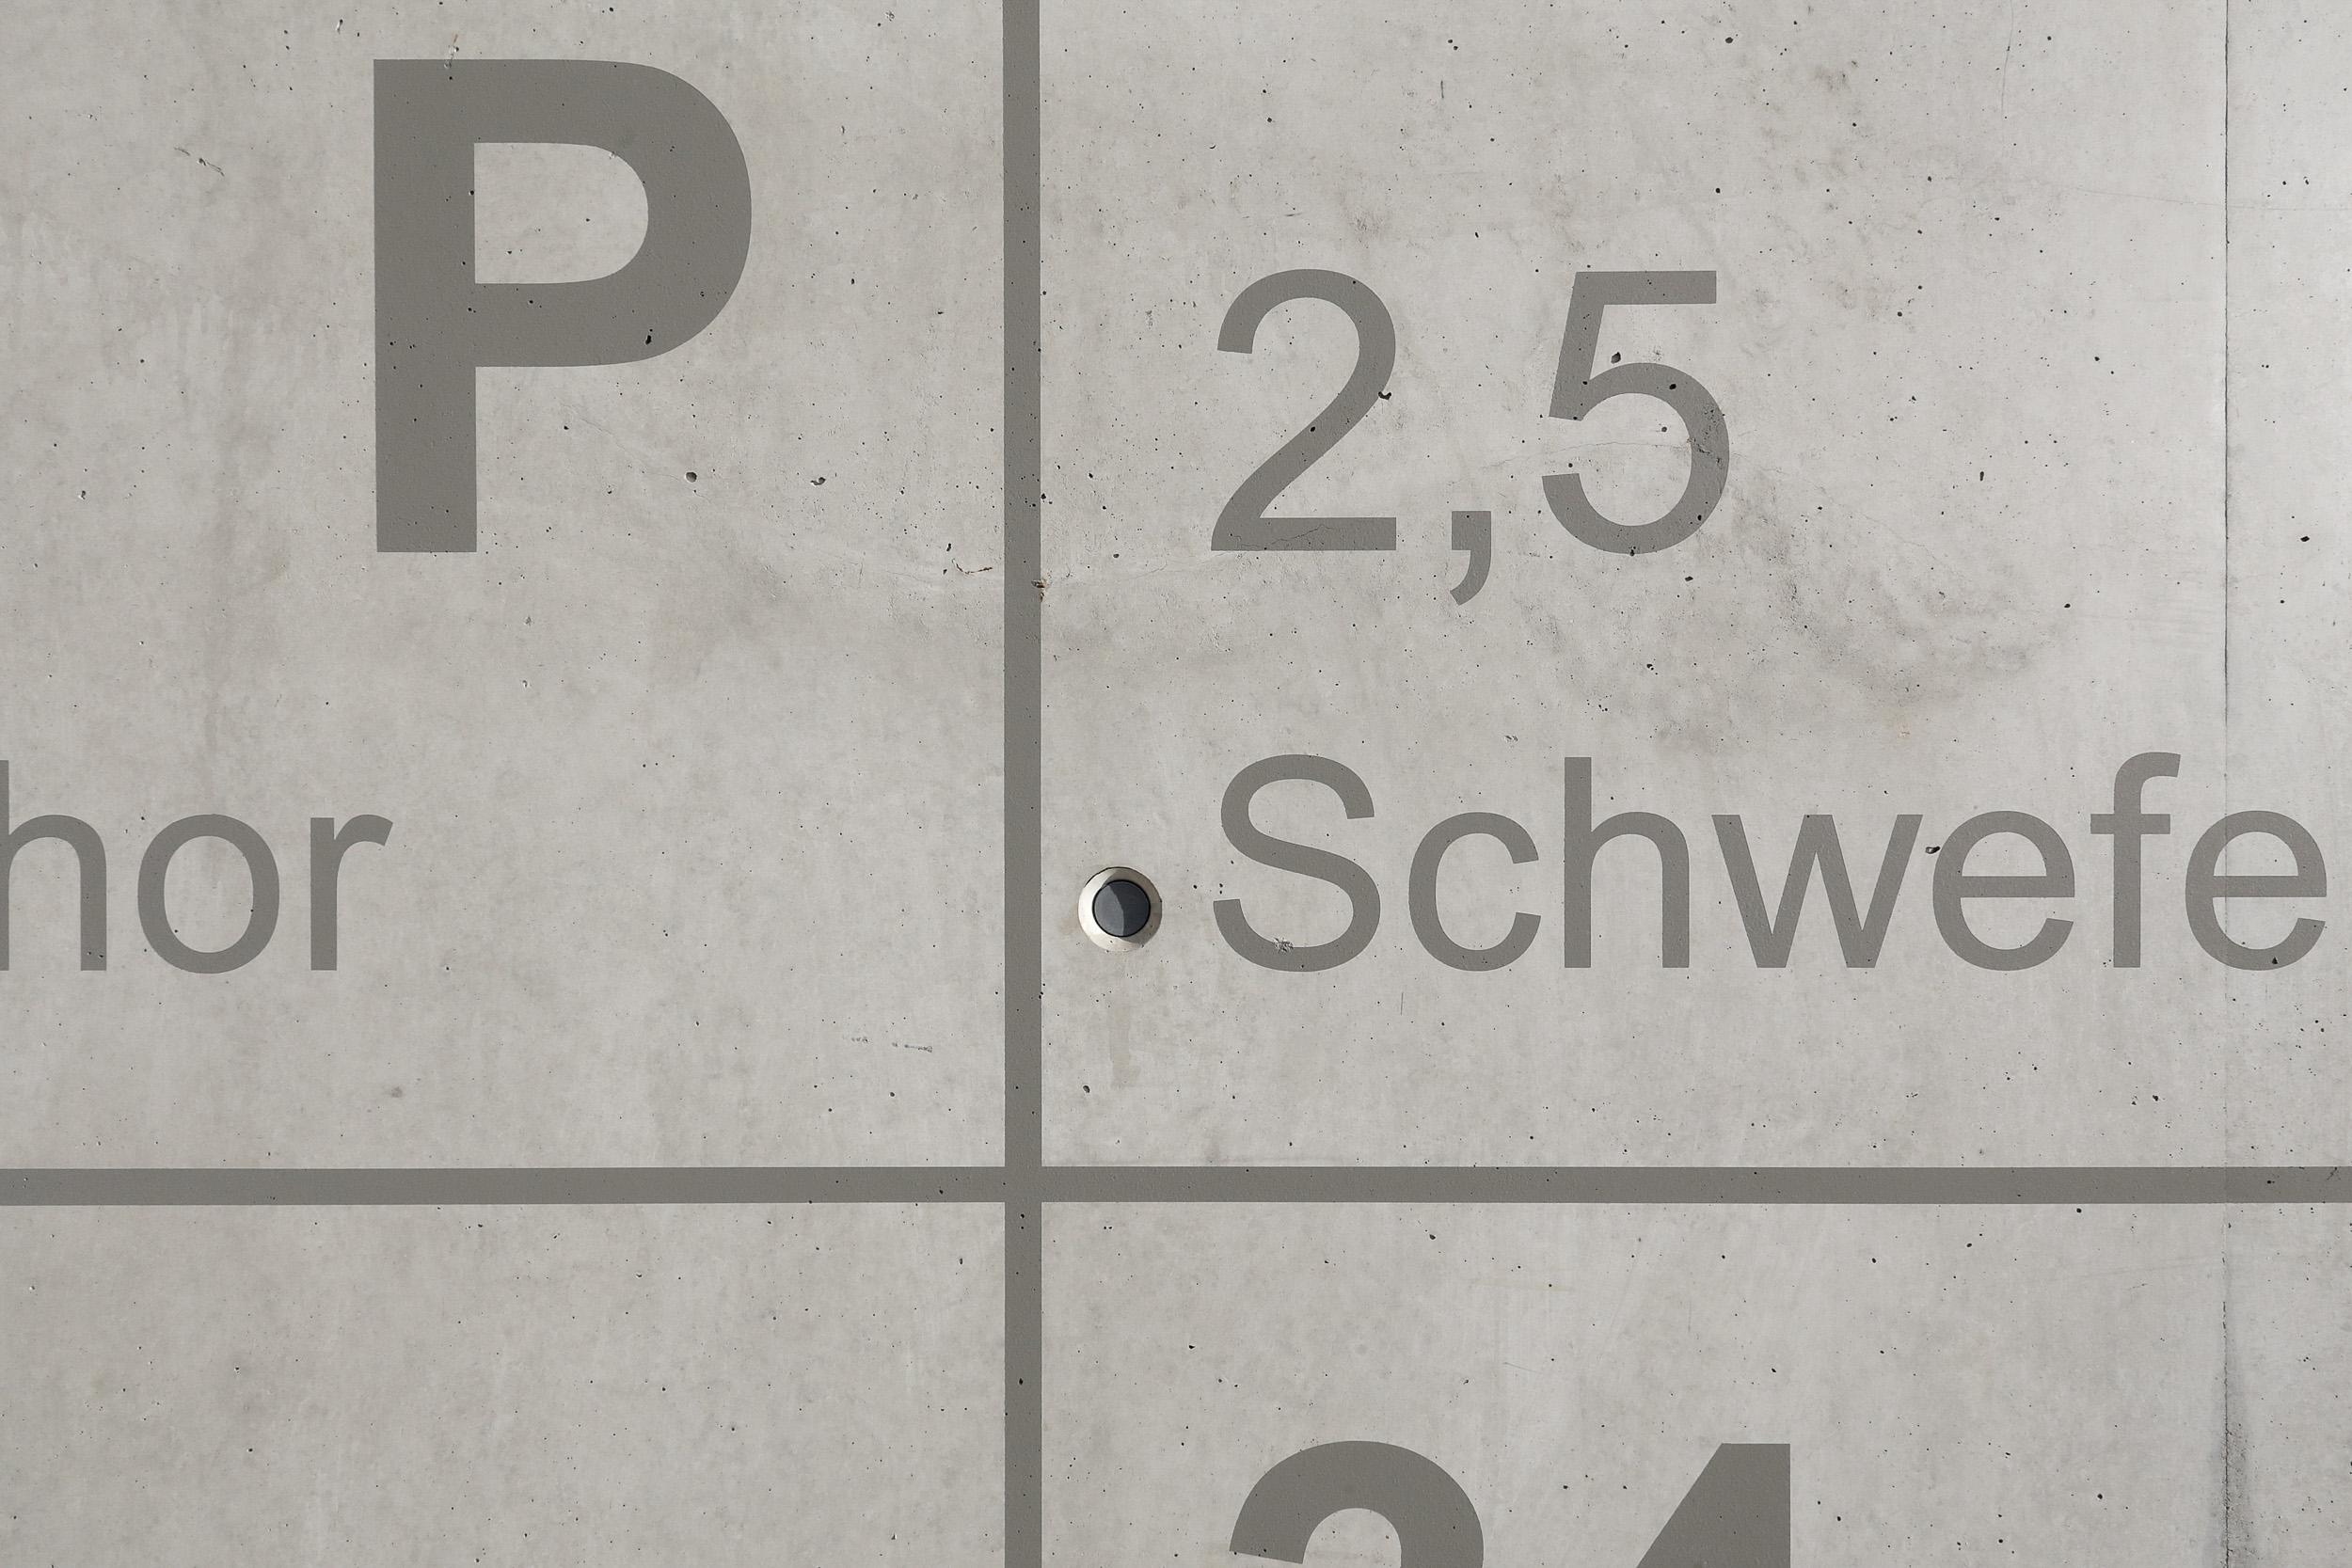 Fassadengestaltung-Industrie-Bayer-Dormagen-typographie-schrift-detail-malerei.jpg